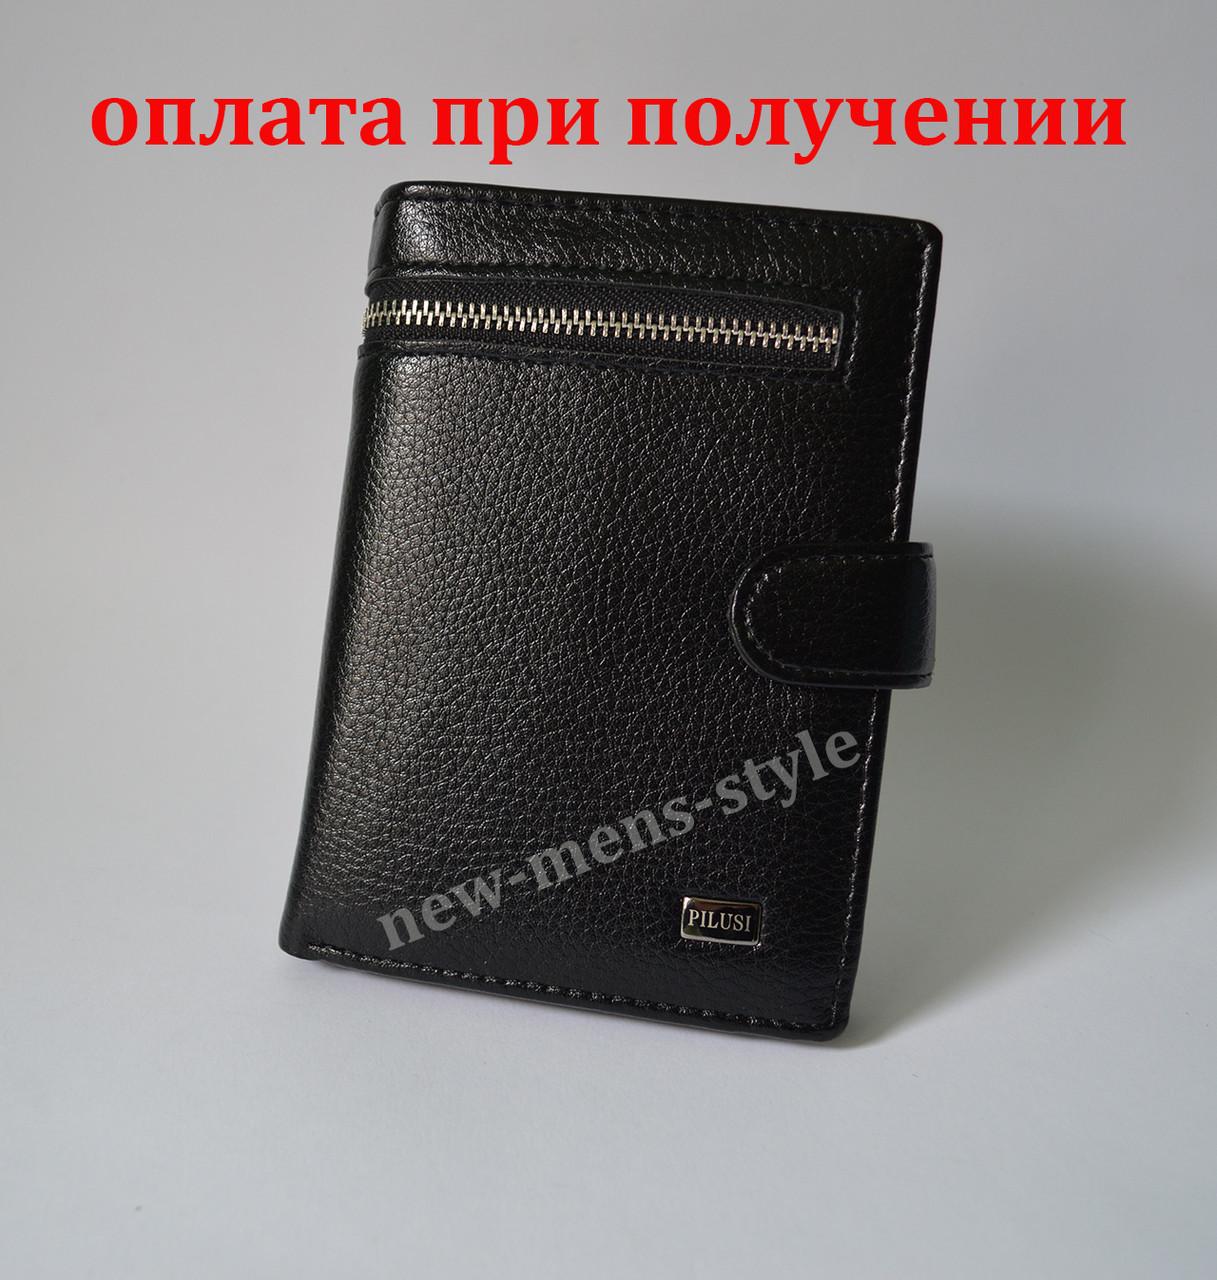 Мужской кожаный кошелек портмоне гаманець бумажник PILUSI купить -